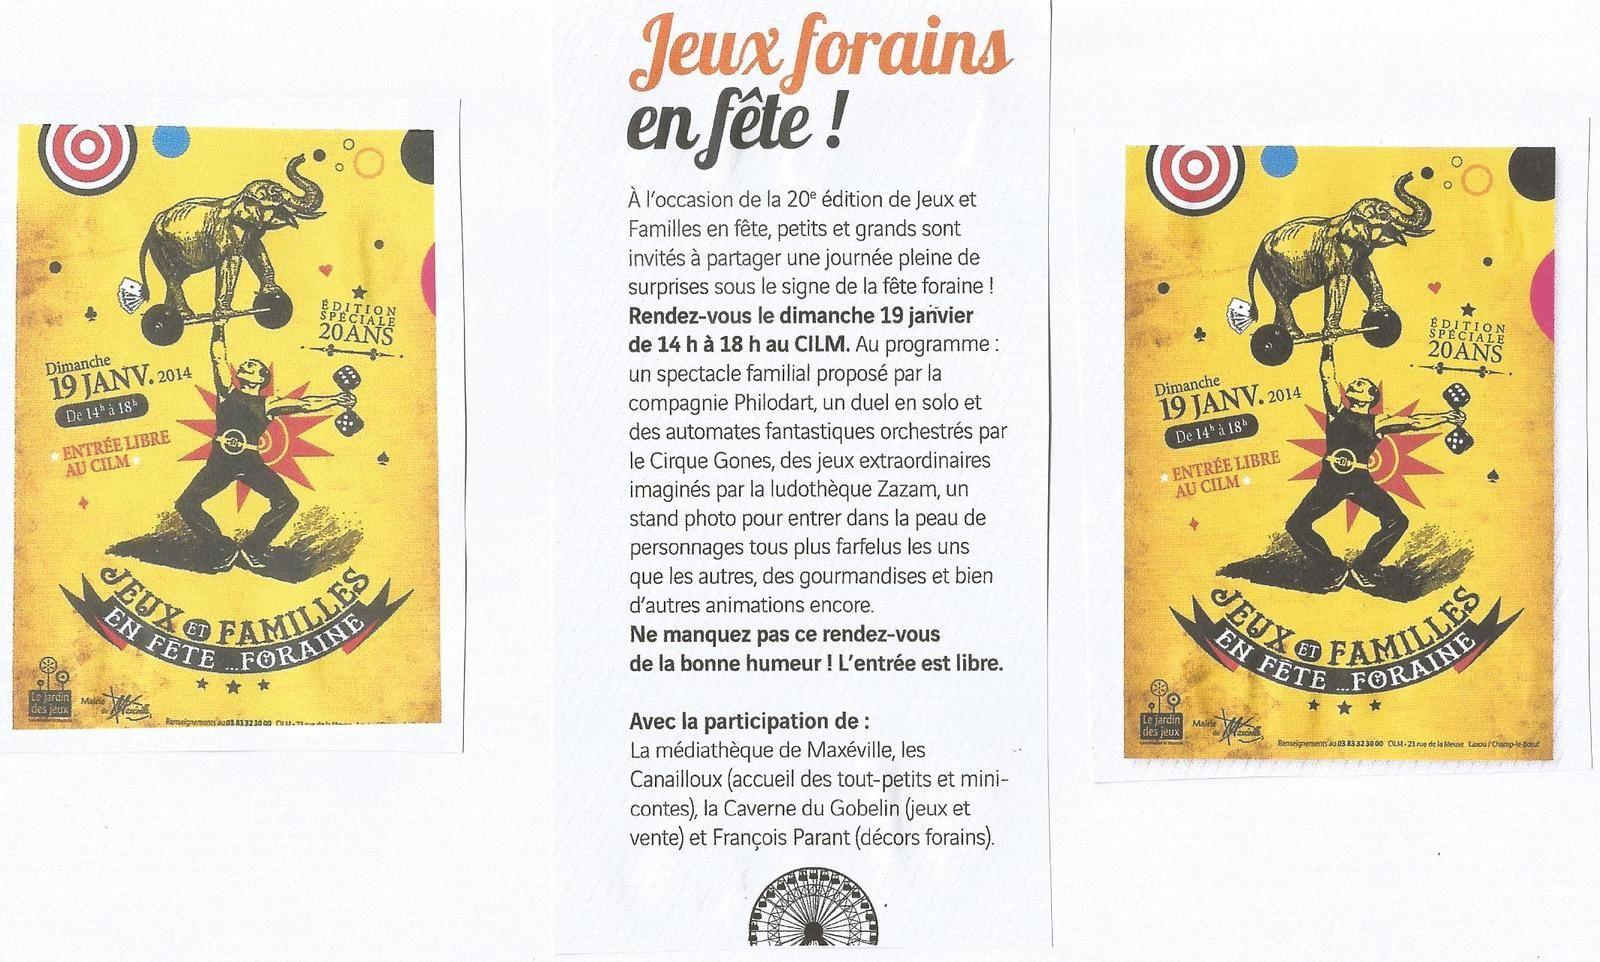 Jeux et Familles en Fête... 20ème... &quot&#x3B;Fête Foraine&quot&#x3B;...